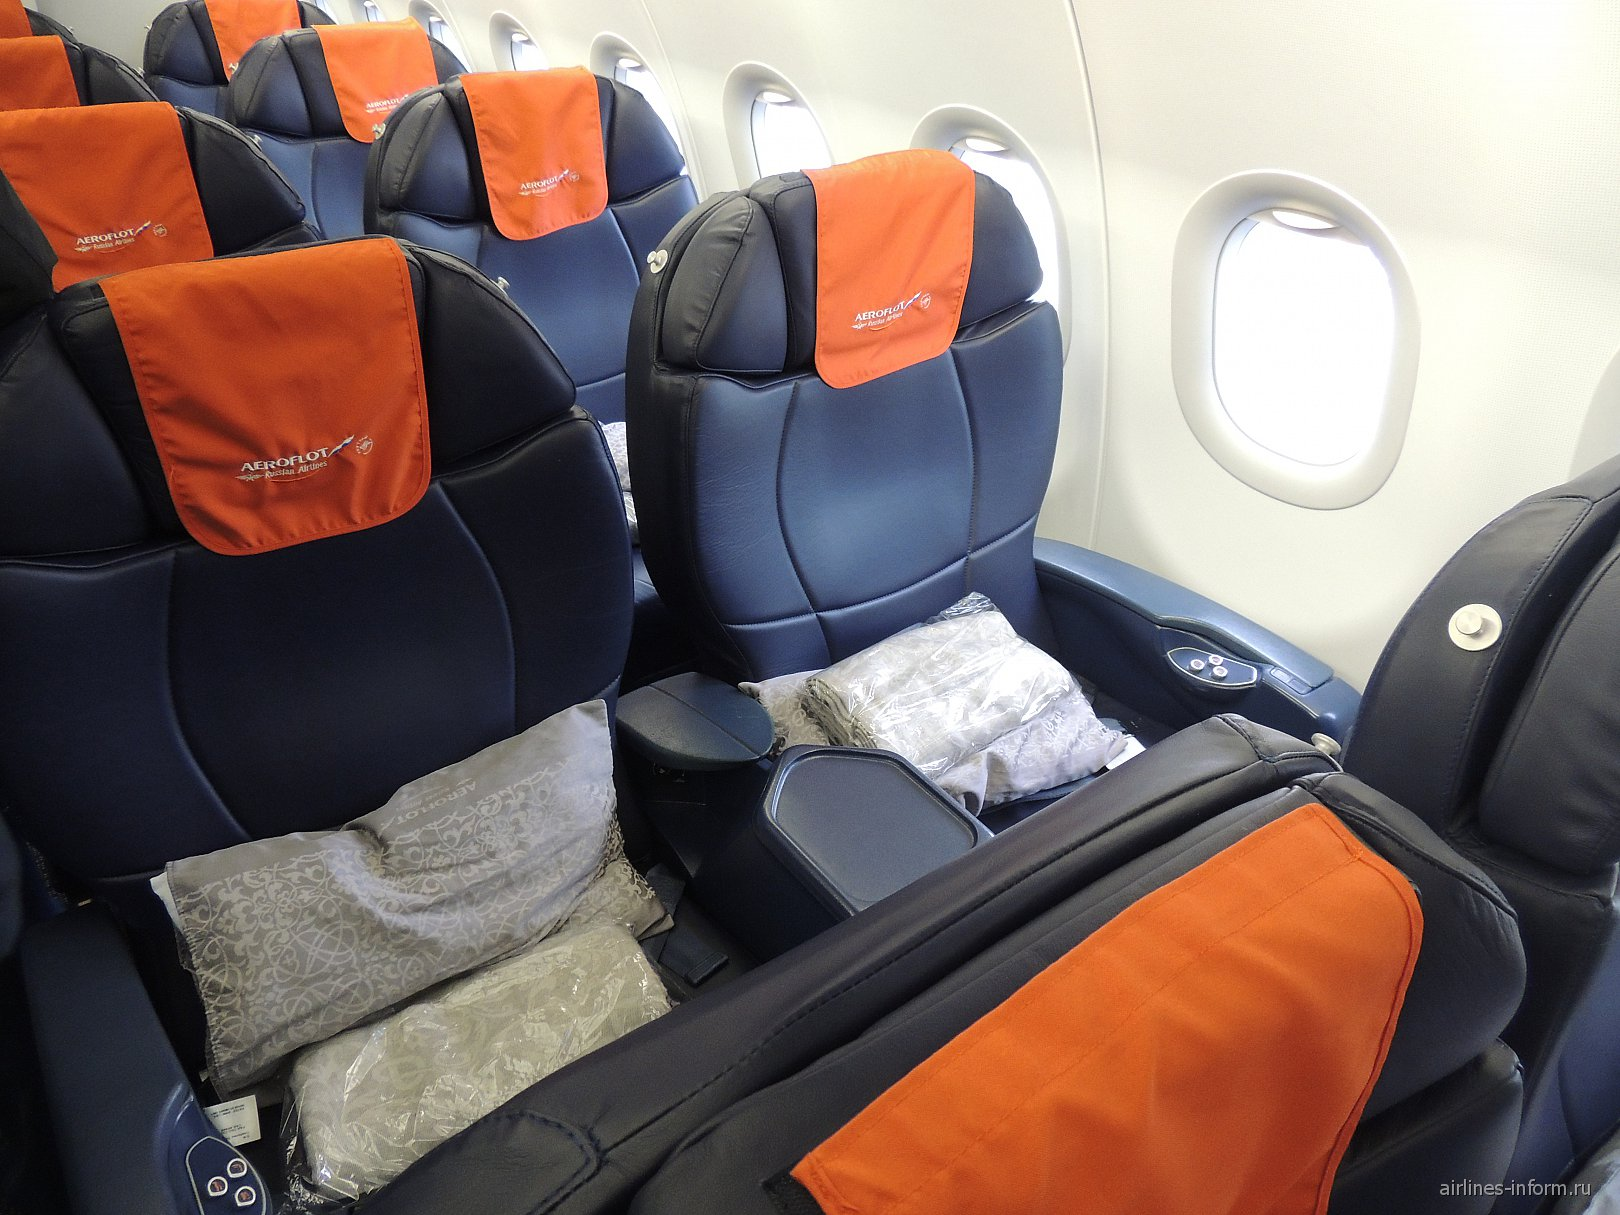 Салон бизнес-класса в самолете Airbus A319 Аэрофлота